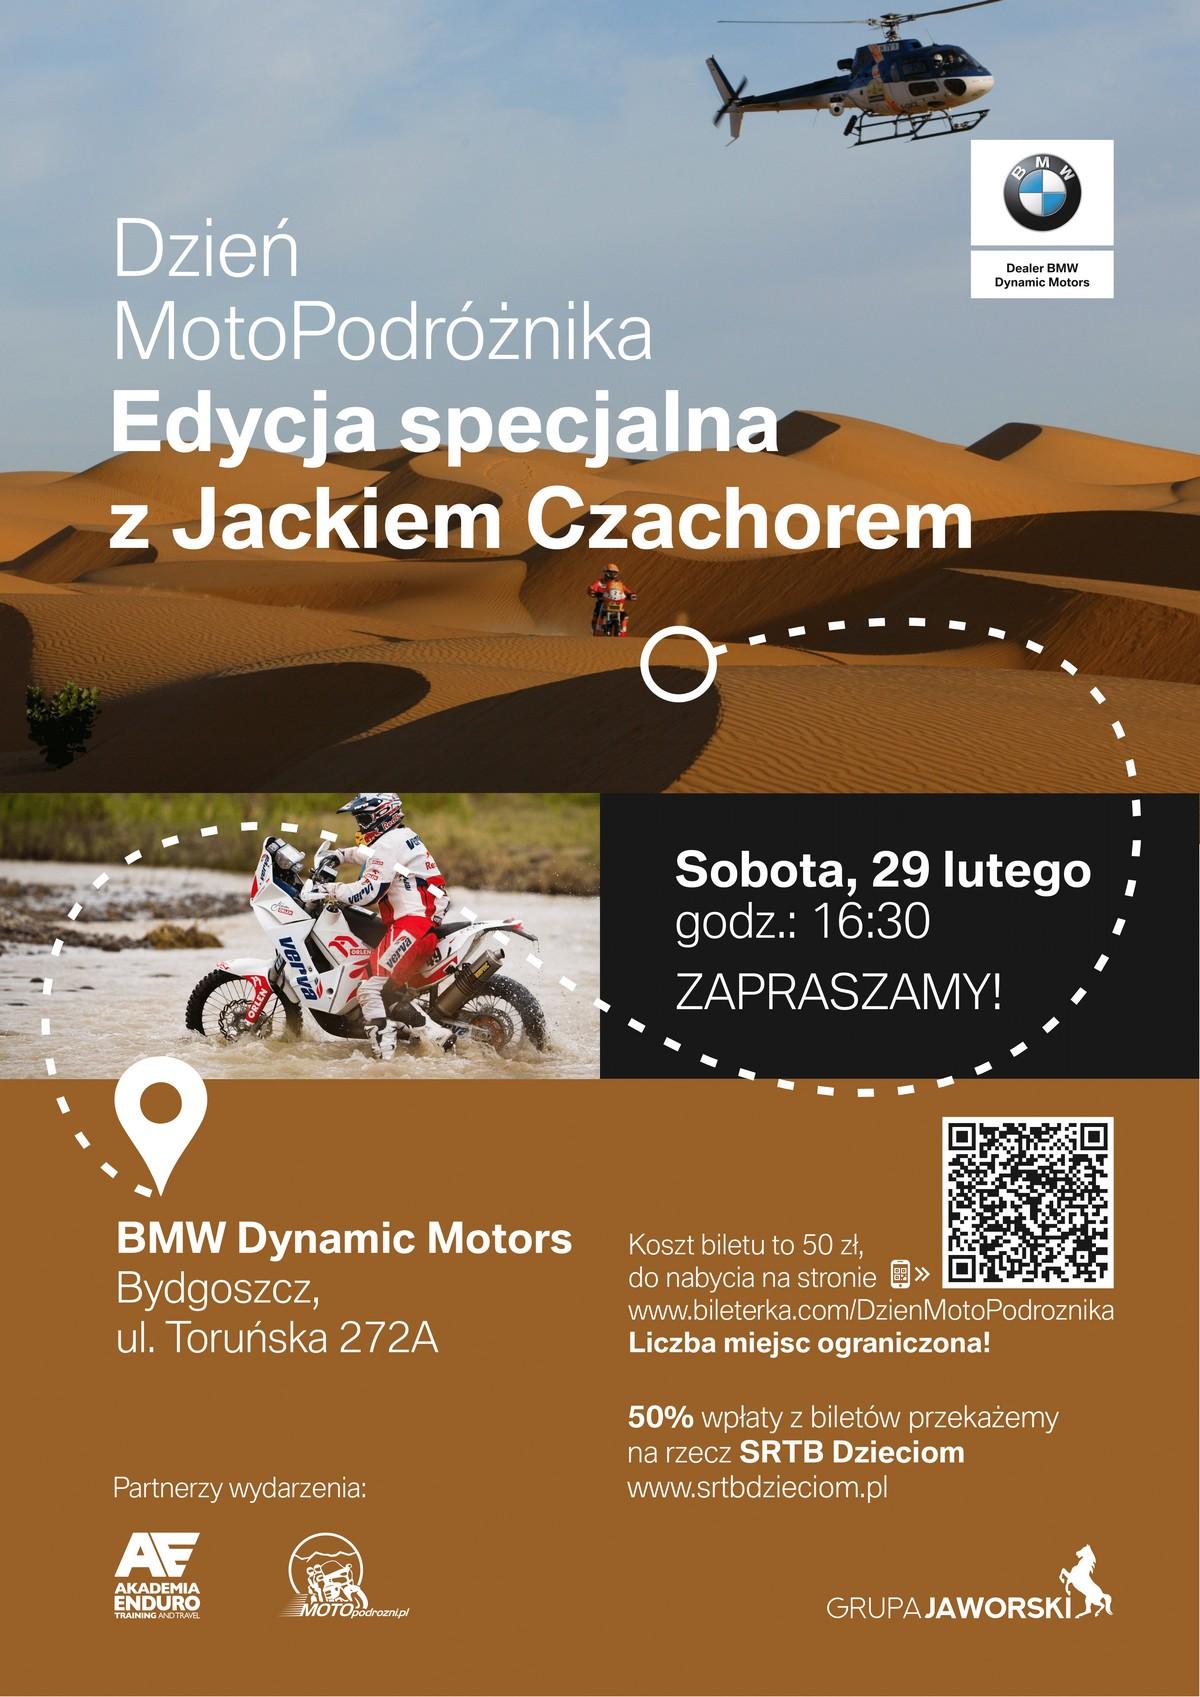 Dzień MotoPodróżnika - Edycja specjalna z Jackiem Czachorem